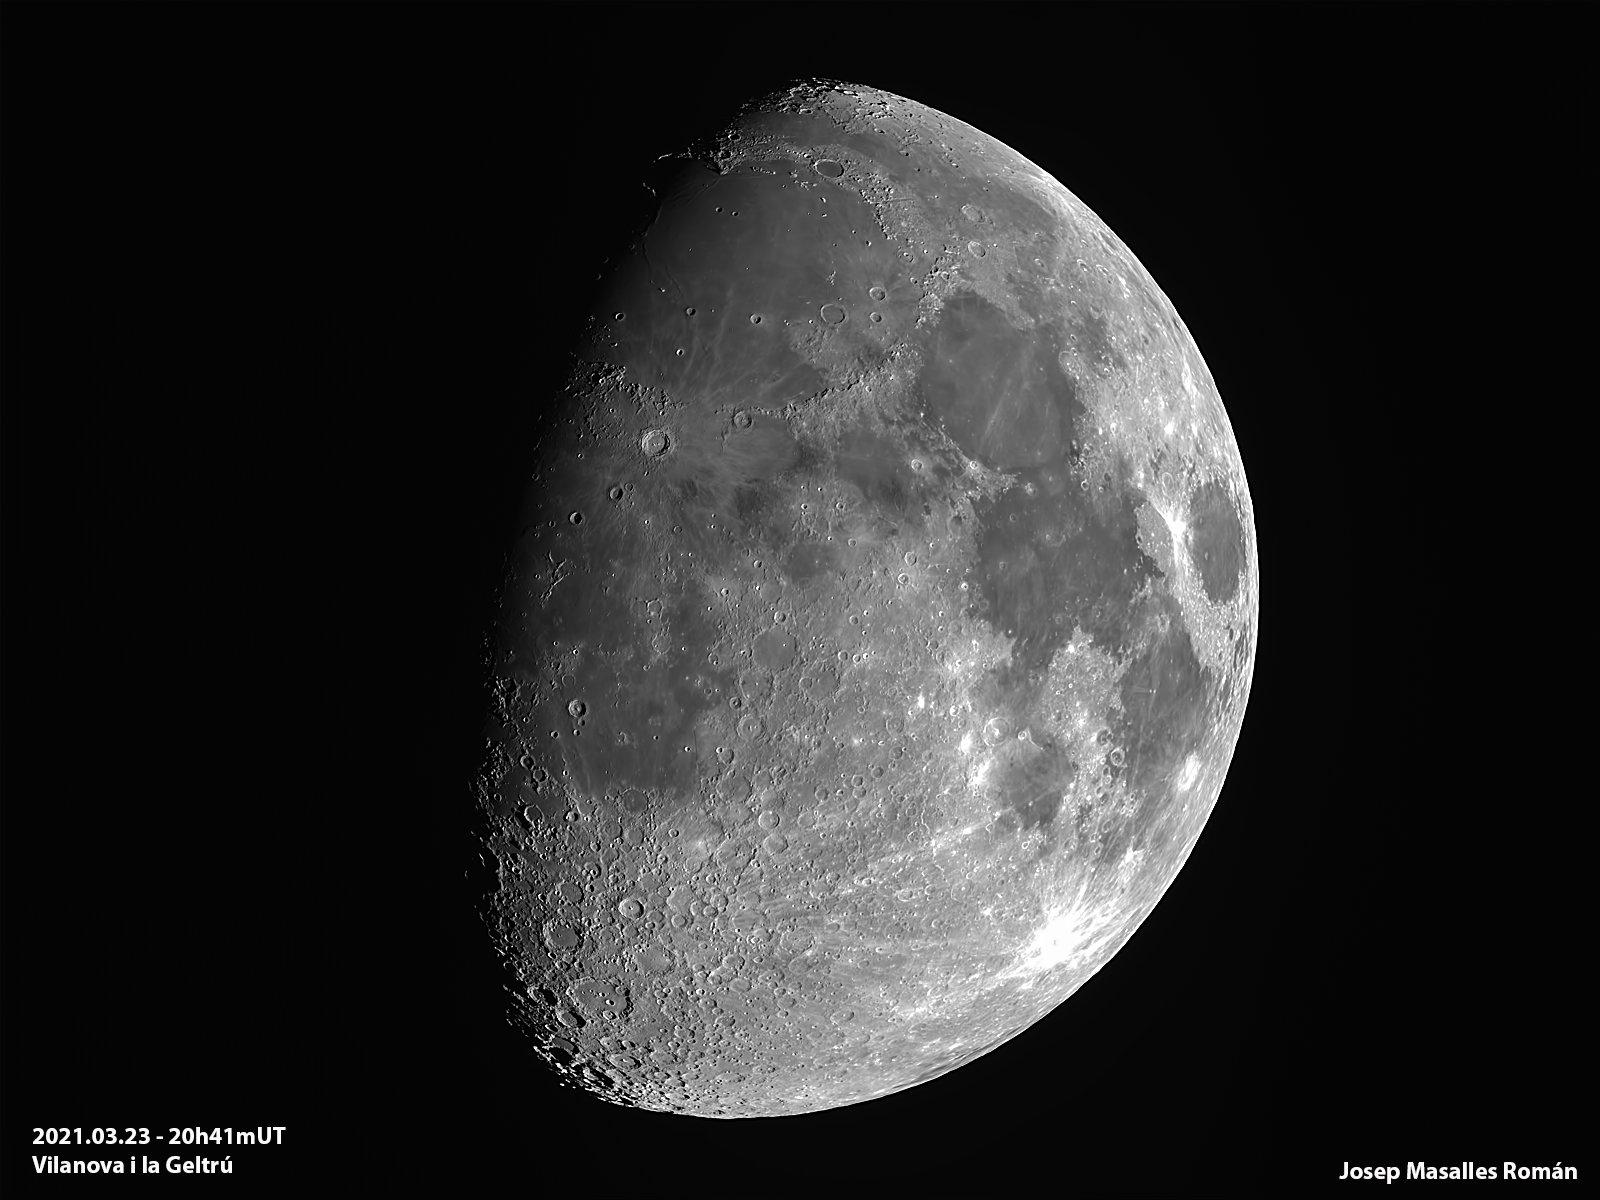 Lluna - Josep Masalles